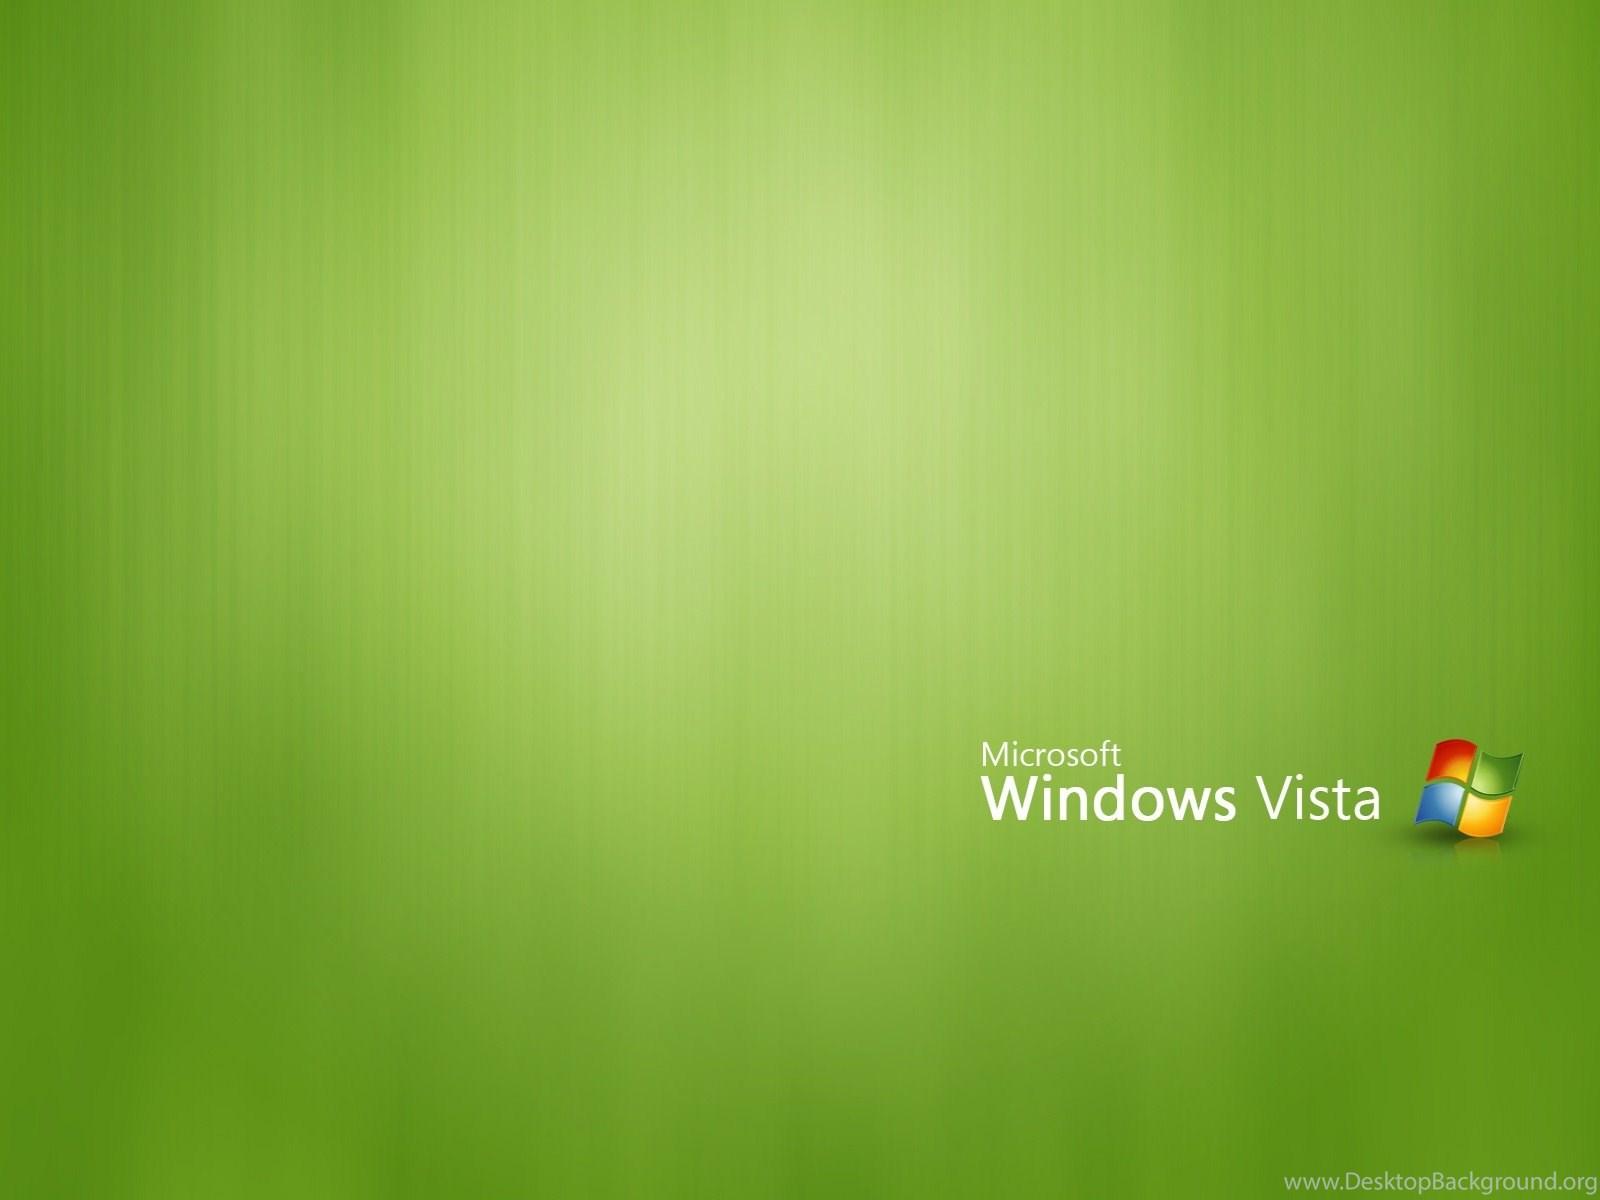 Green Windows Vista Hd Wallpaper Green Windows Vista Wallpapers Desktop Background